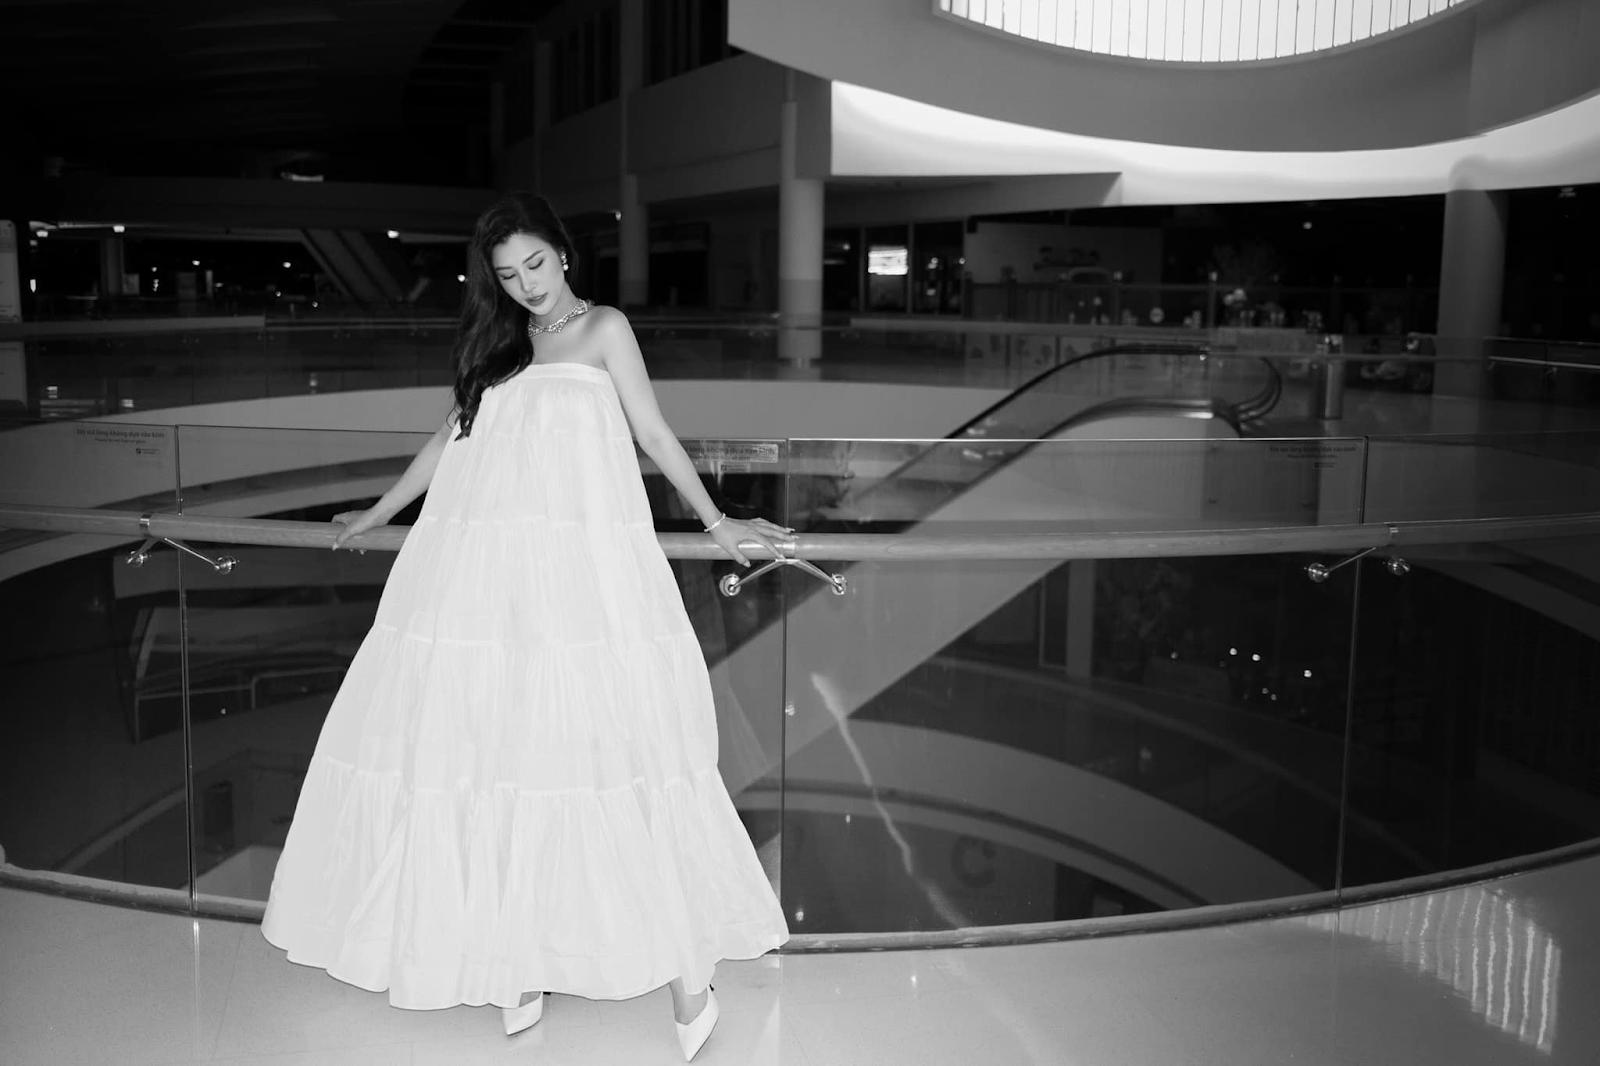 Mẹ bầu Đông Nhi diện váy xòe trắng trong đêm nhạc của Noo Phước Thịnh - ảnh 5